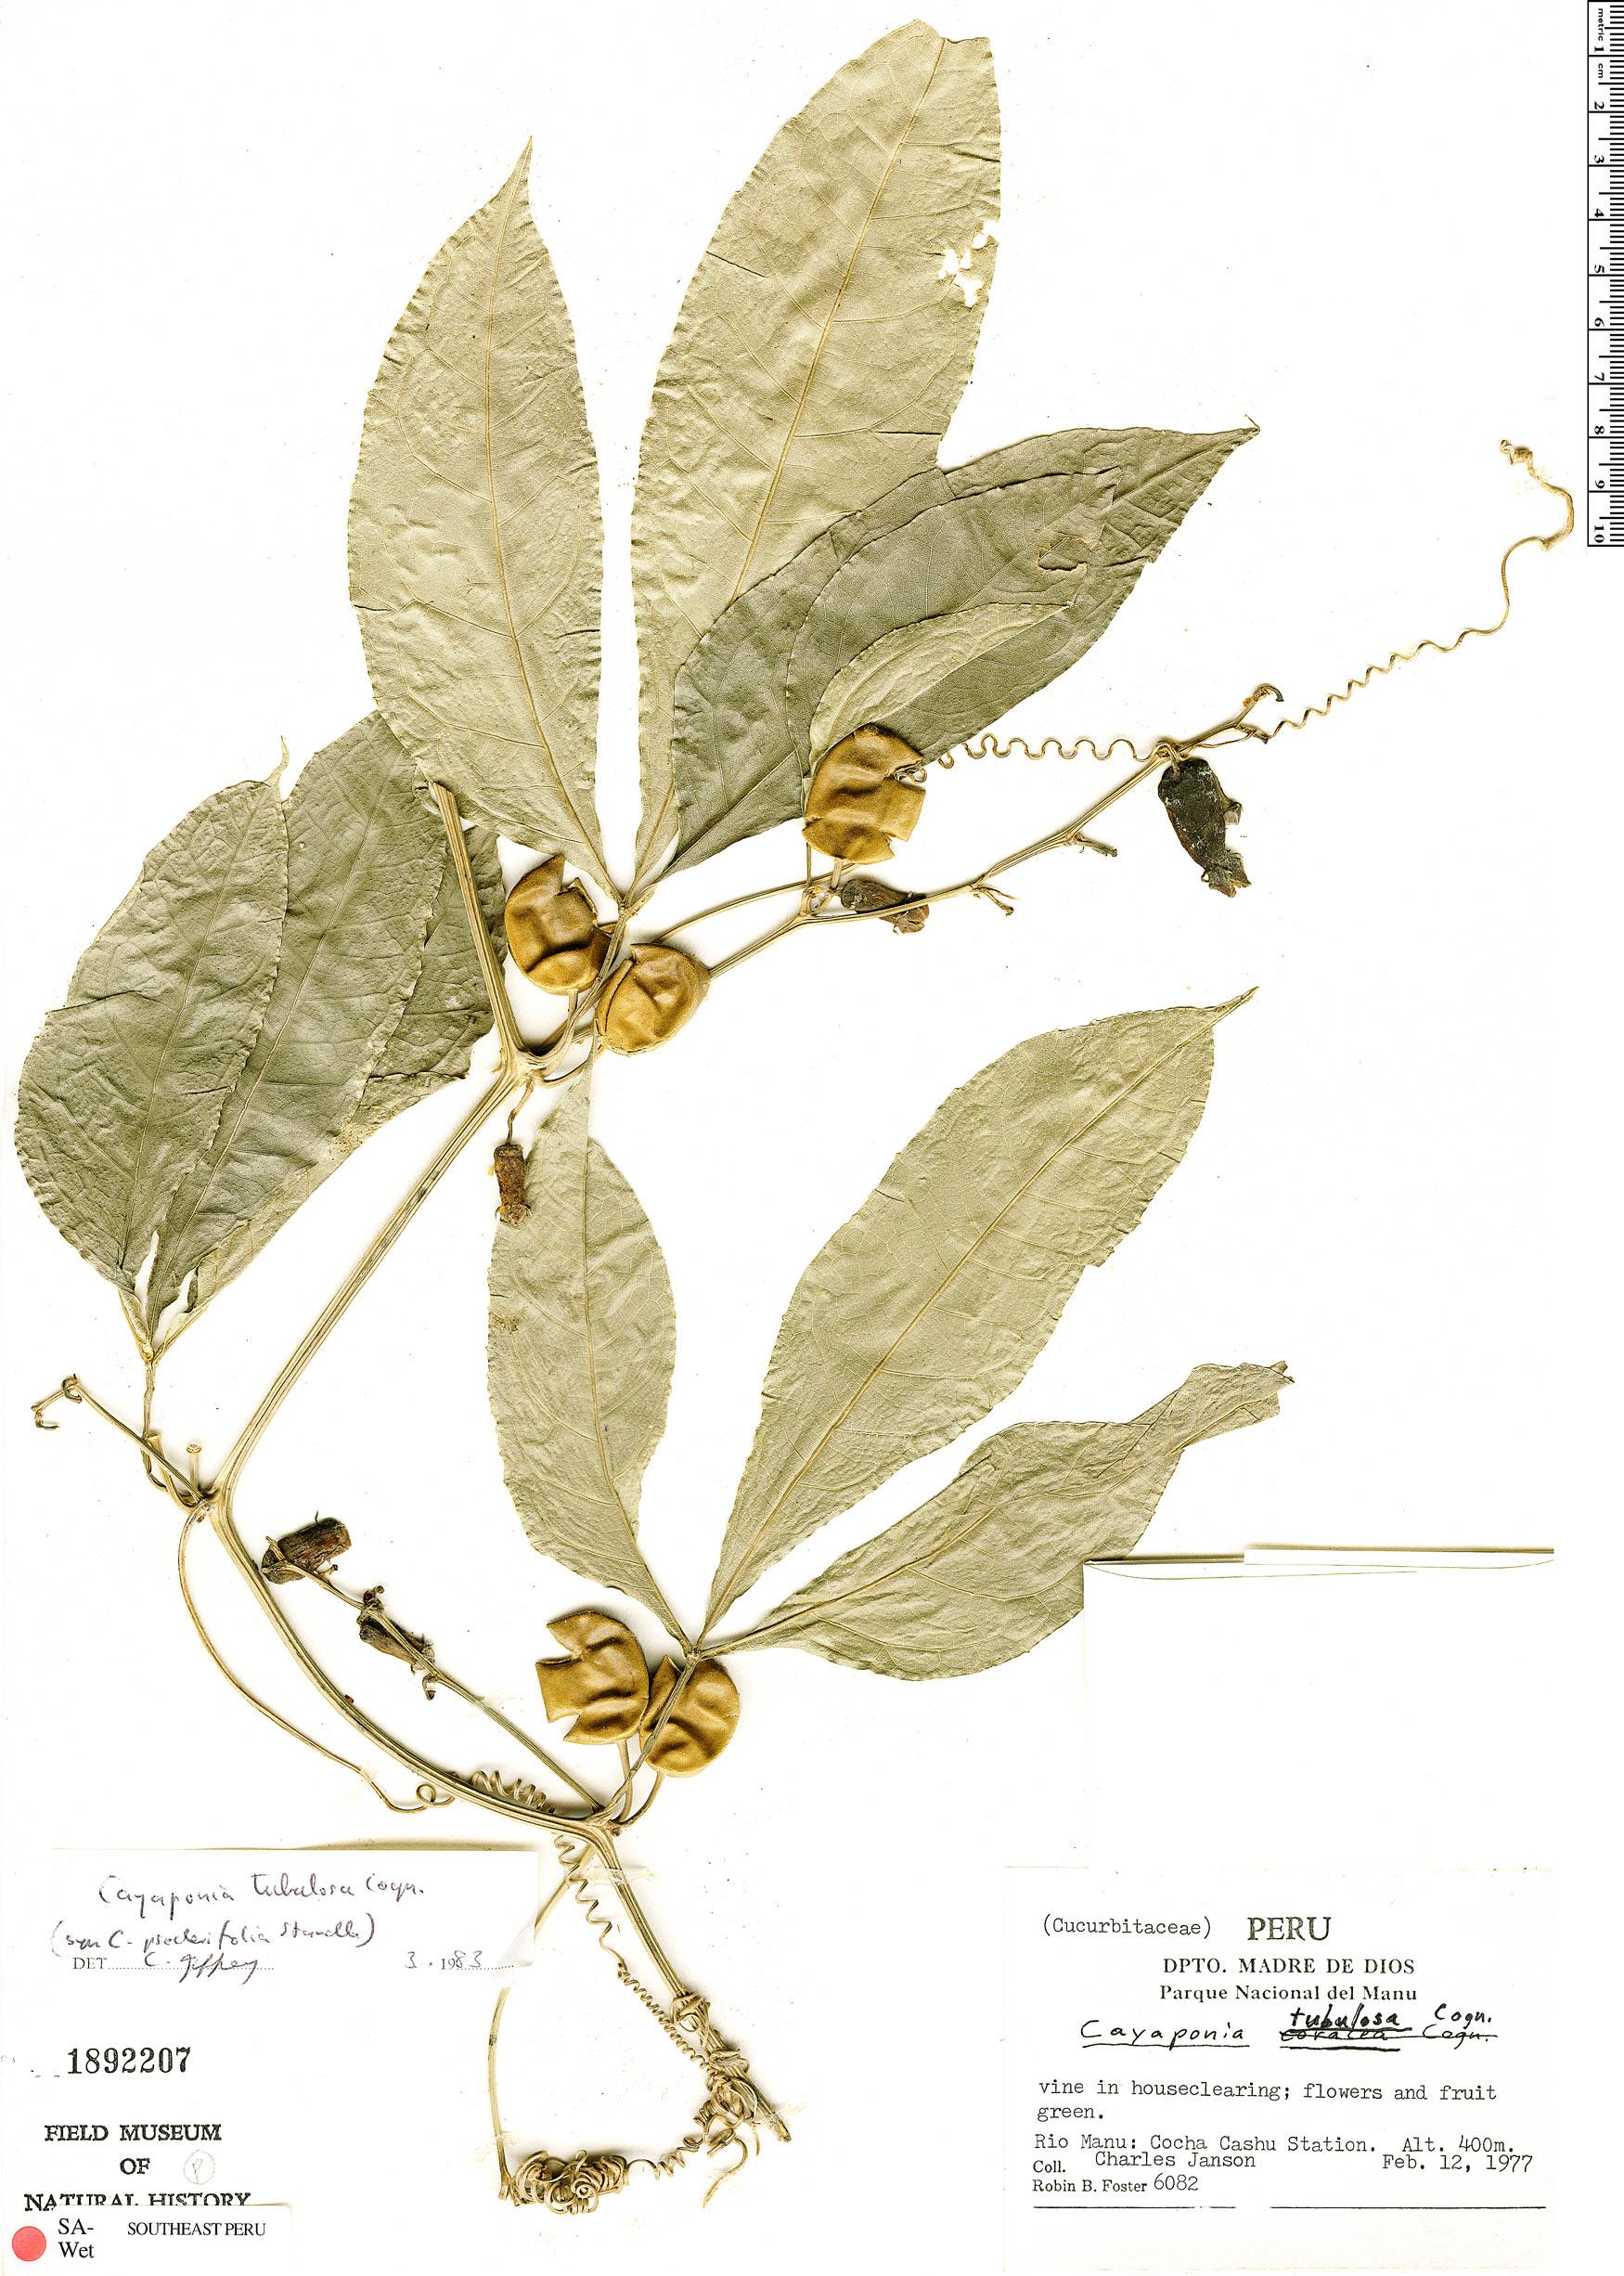 Specimen: Cayaponia tubulosa